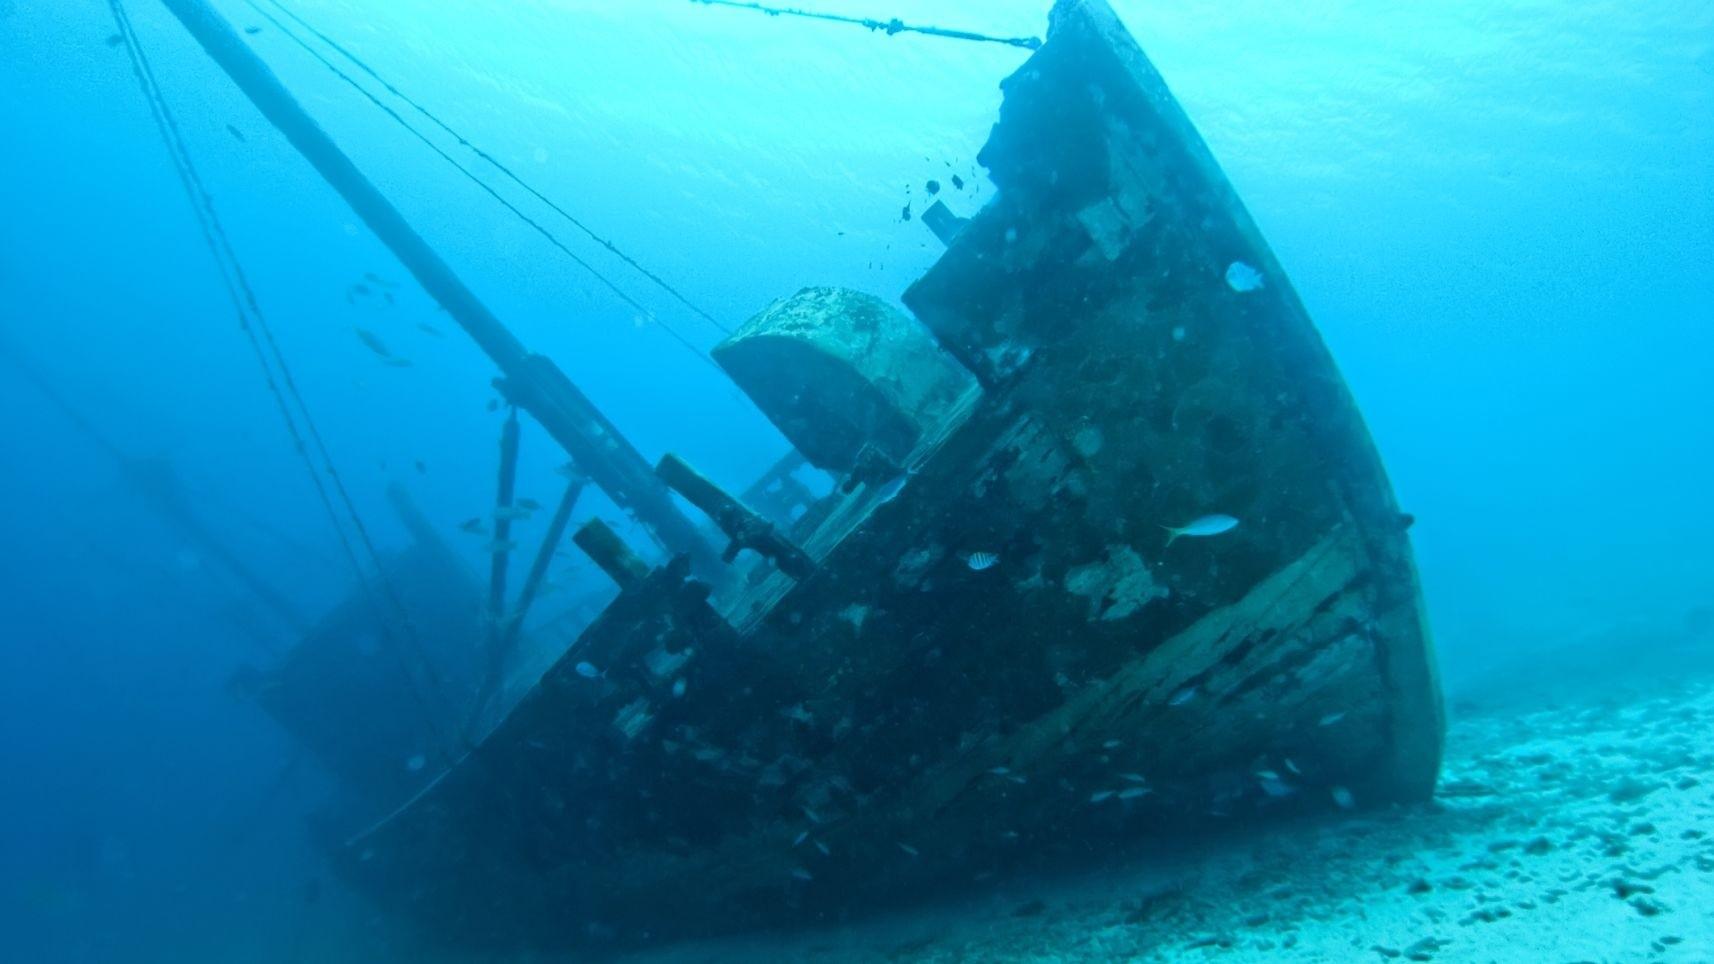 ВКаталонии найден затонувший корабль времен Римской империи